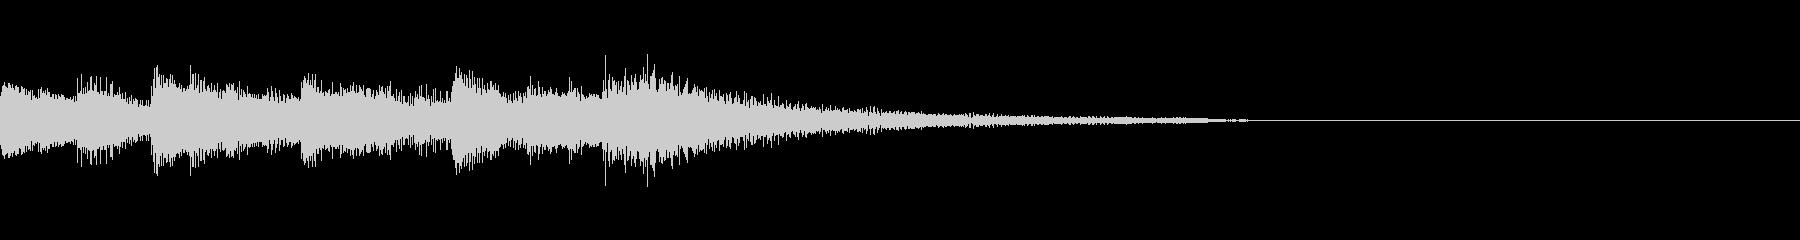 場面転換時のような感じのジングルの未再生の波形